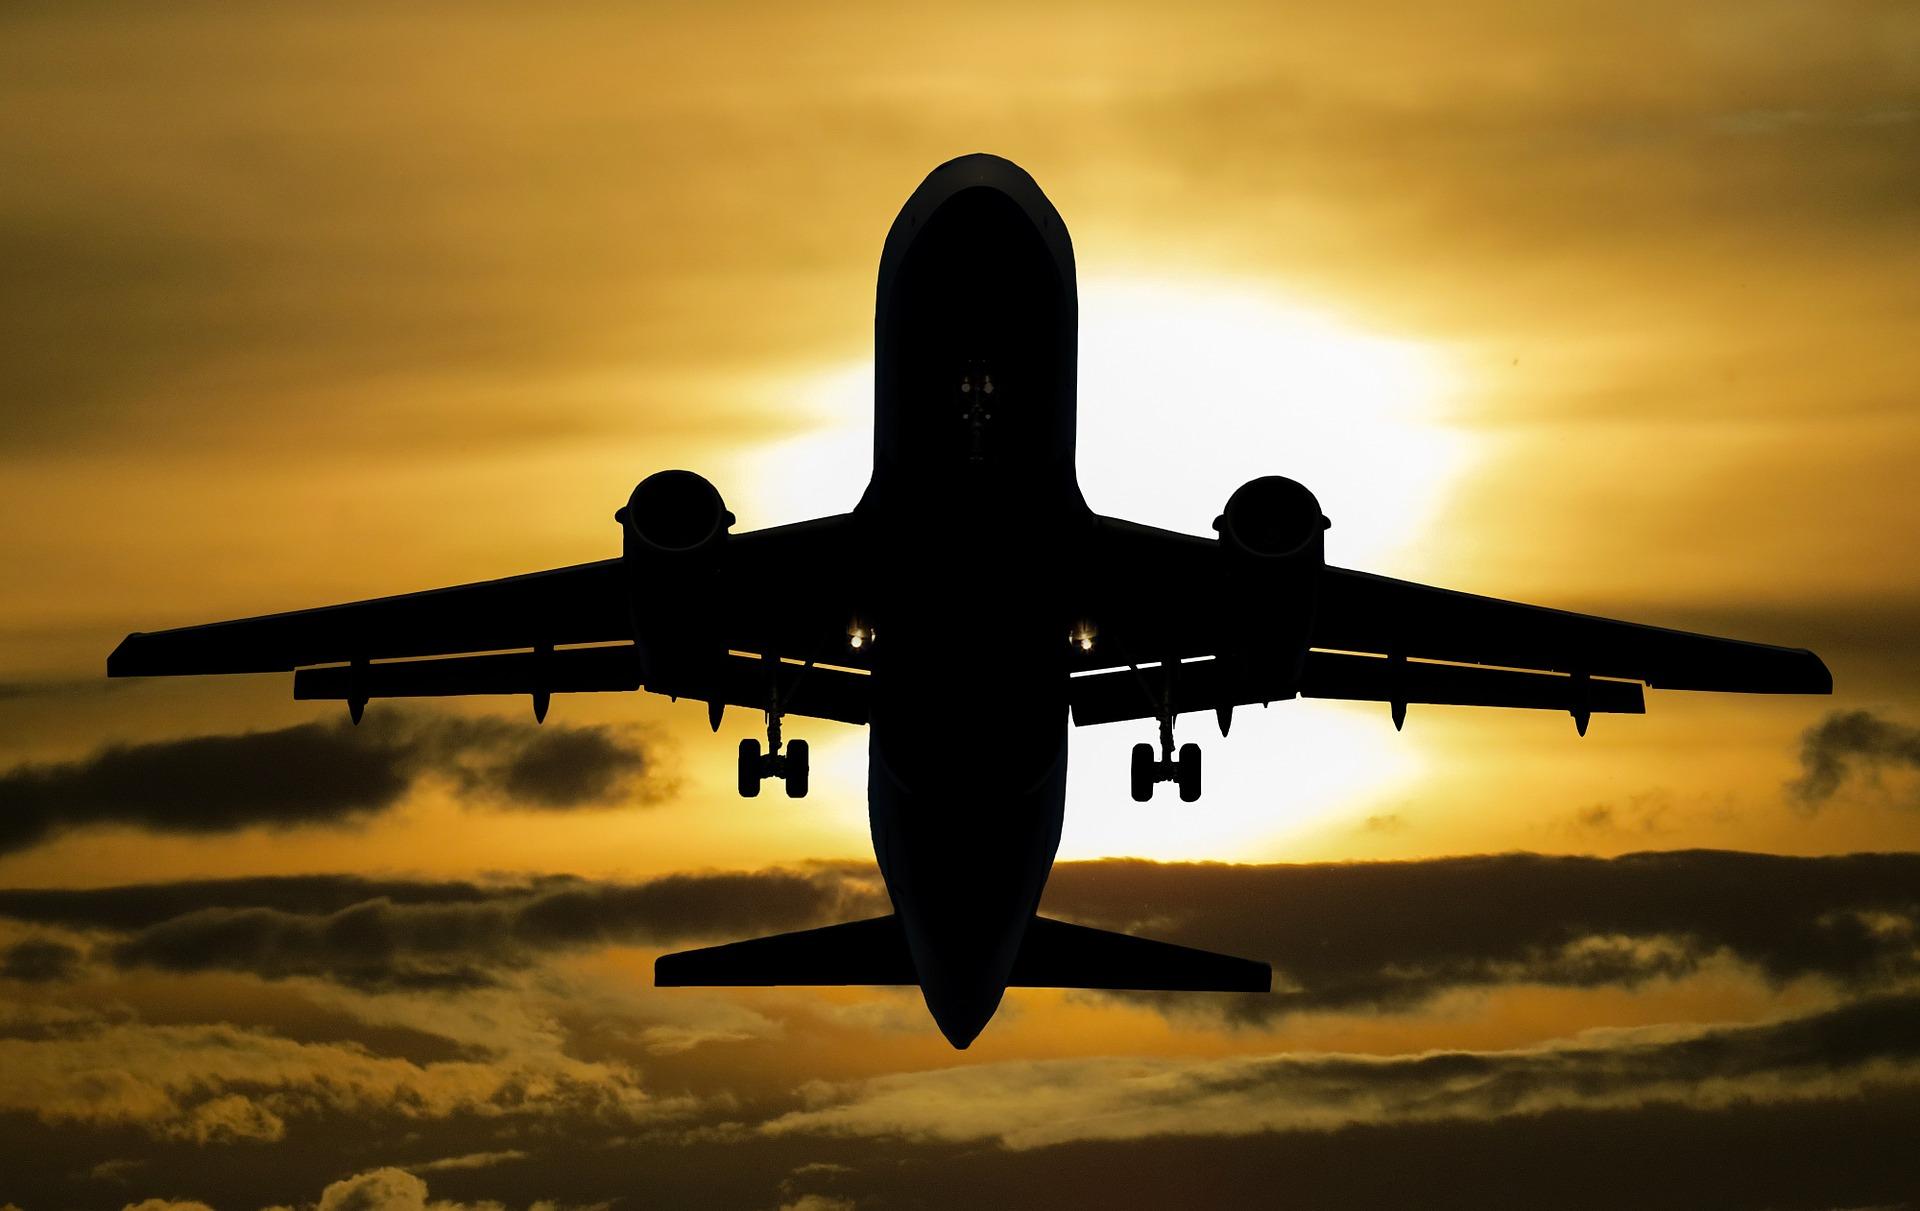 Gør krav på den flyrejse, du har betalt for